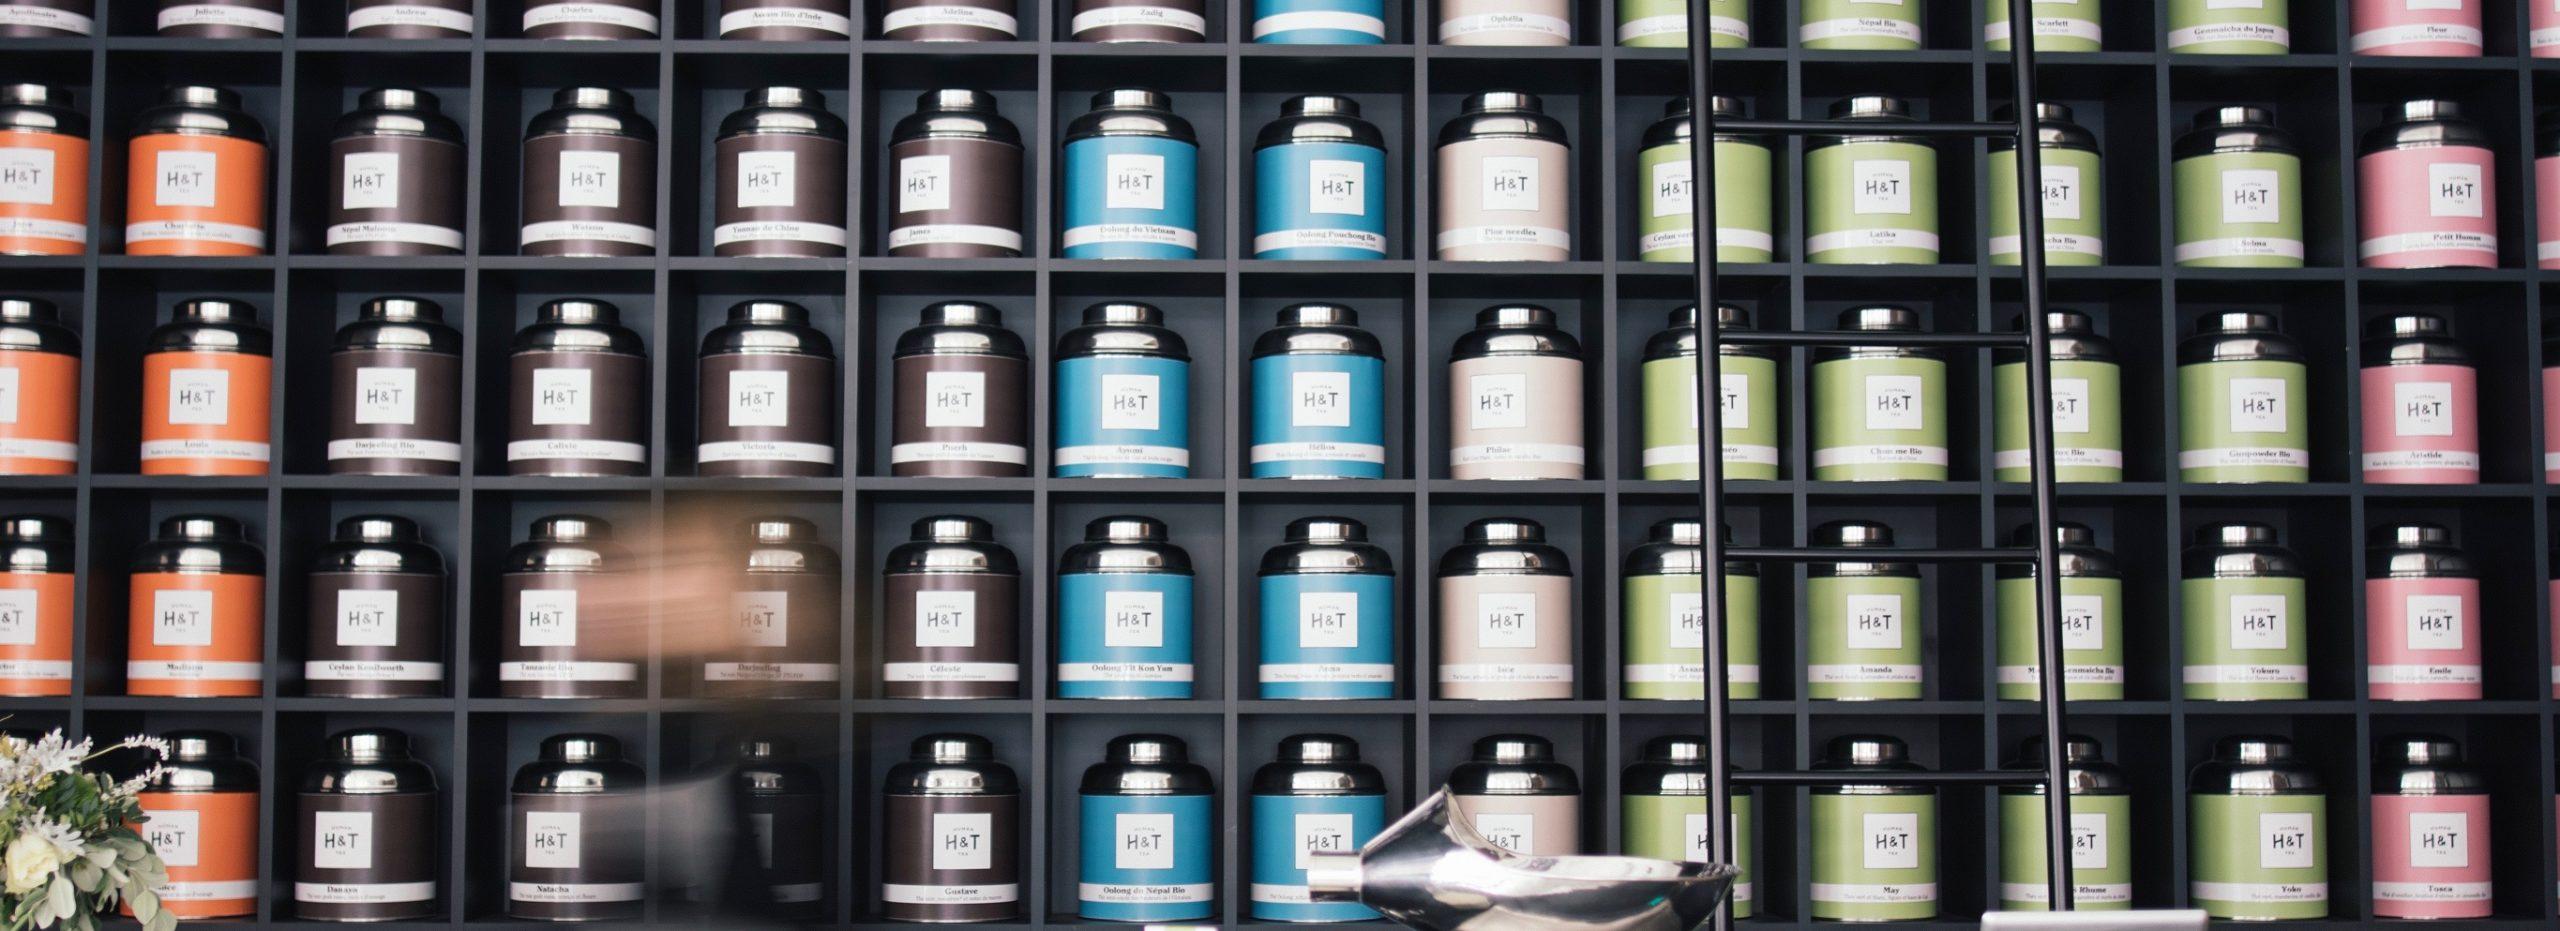 Boutique Human&Tea lyon 2 Cordeliers